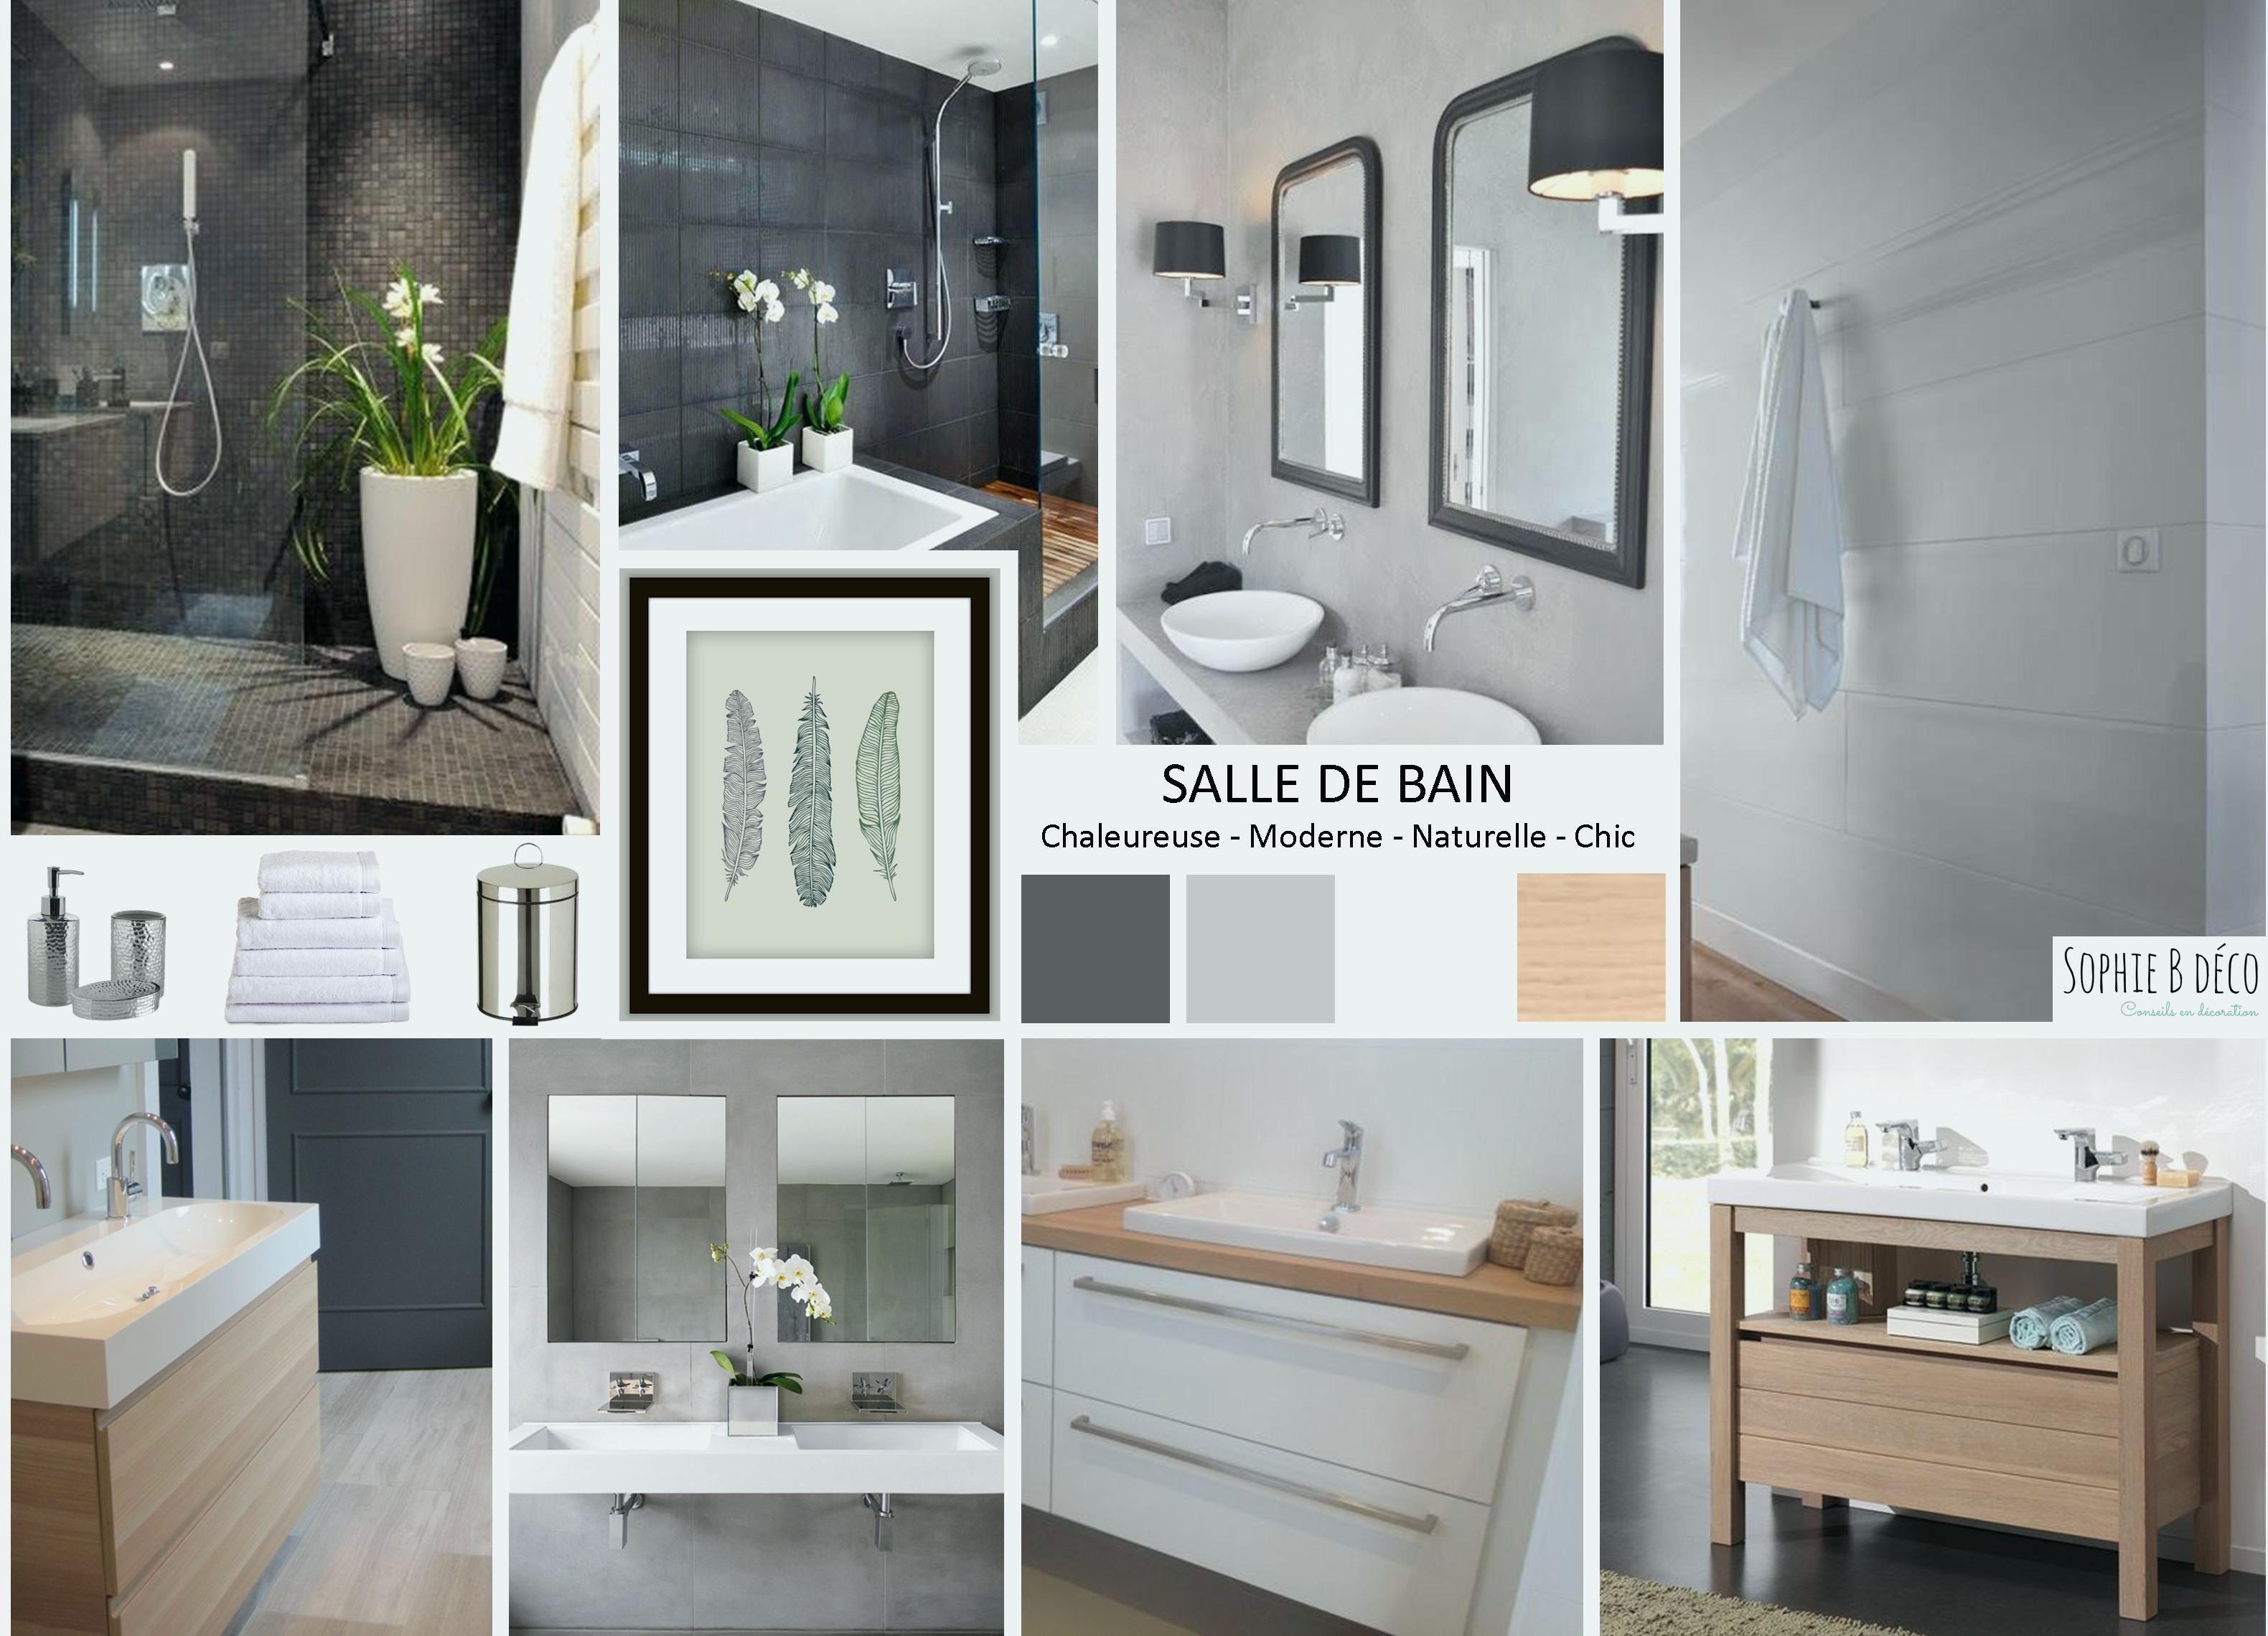 Meubles De Salle De Bains Conforama Frais Collection Armoire Salle De Bain Conforama Bel Meubles Salle De Bain Conforama